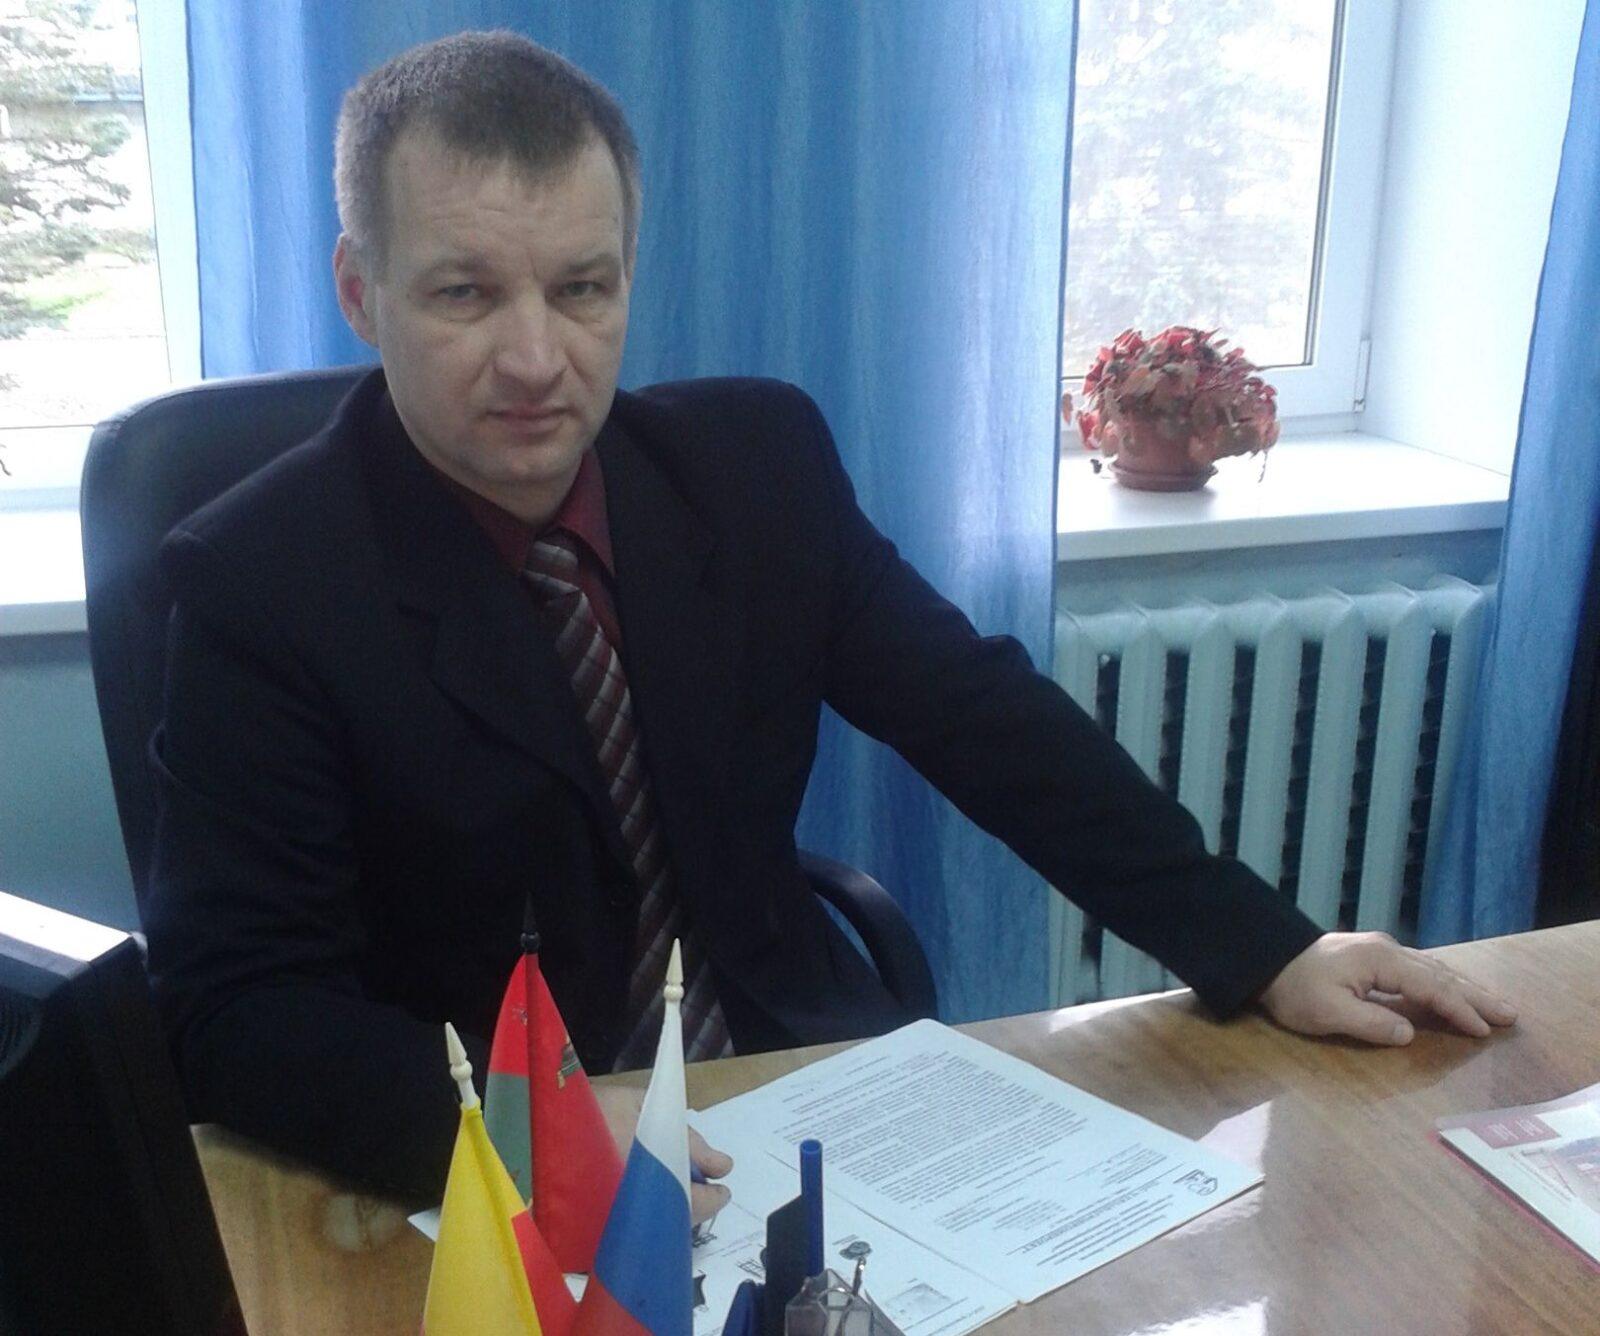 Василий Бирюков: Для жителей вопросы «местного значения» – самые важные